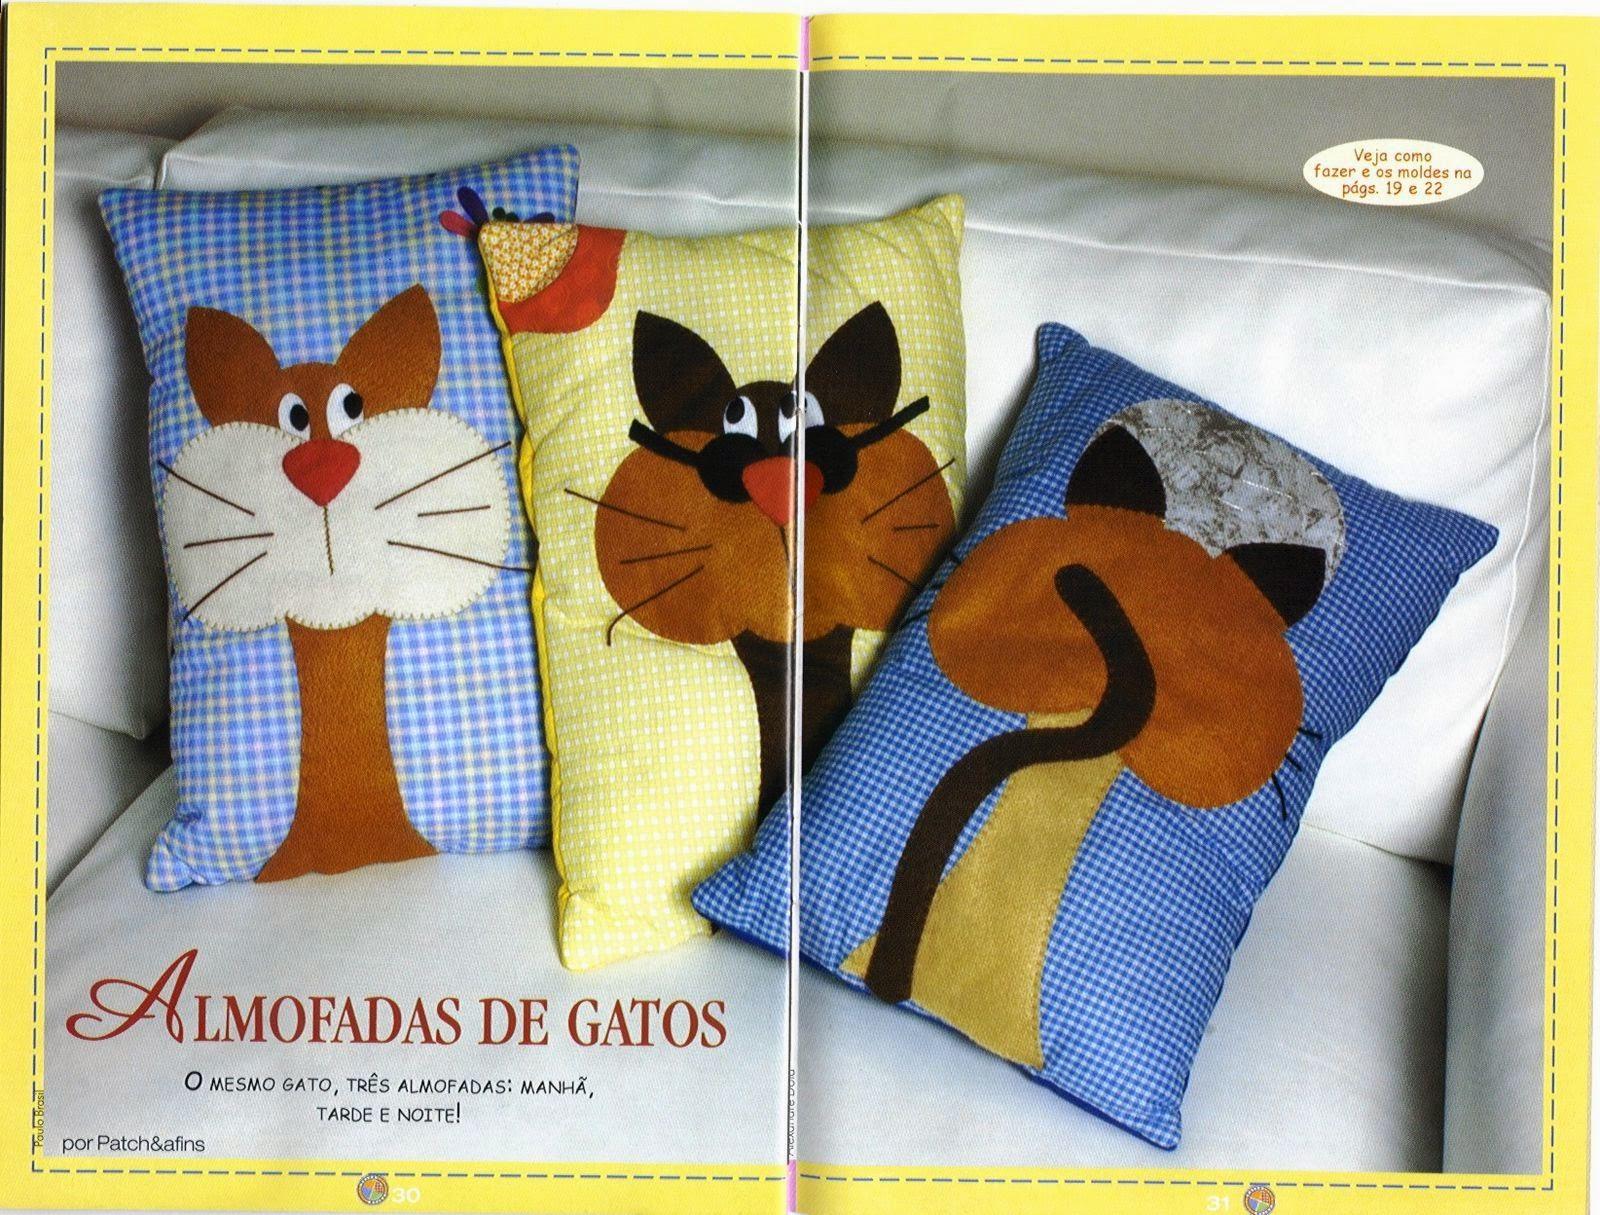 Almofada de gatinho com moldes